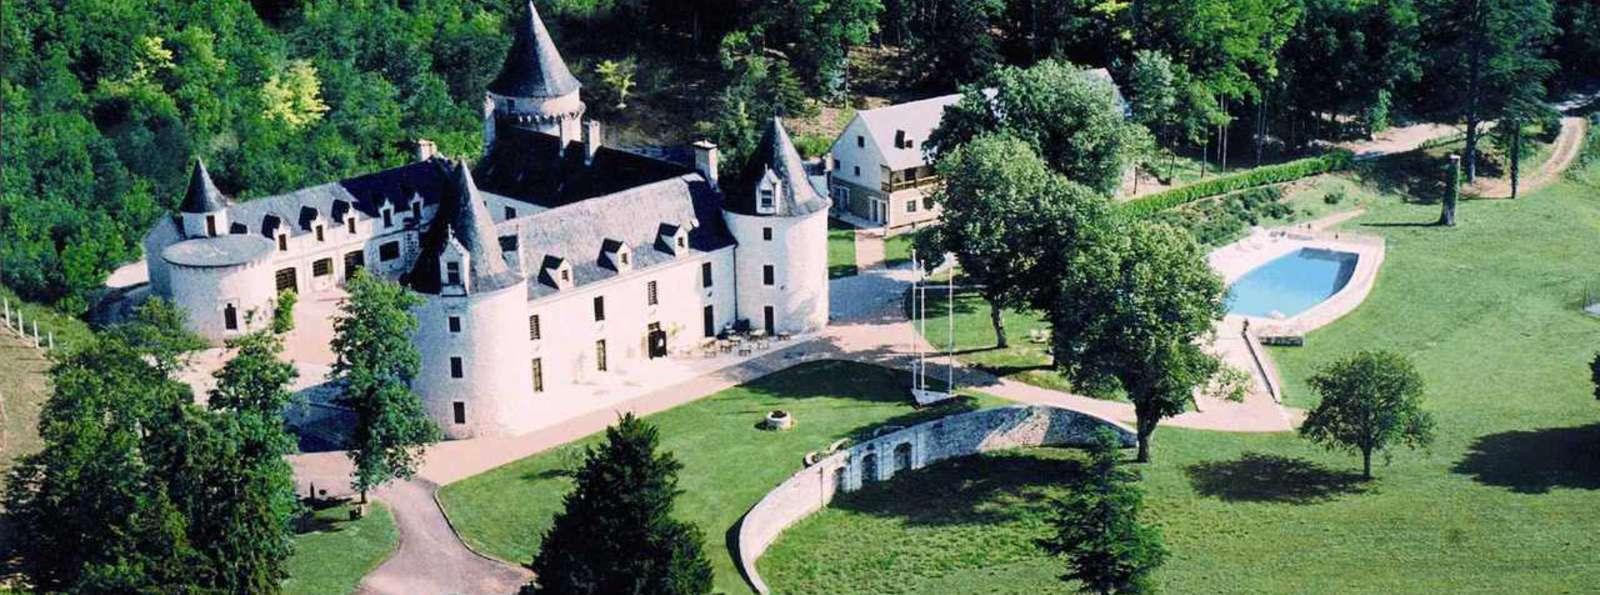 Château de la Fleunie - Chateau_de_la_Fleunie_vue_aerienne.jpg